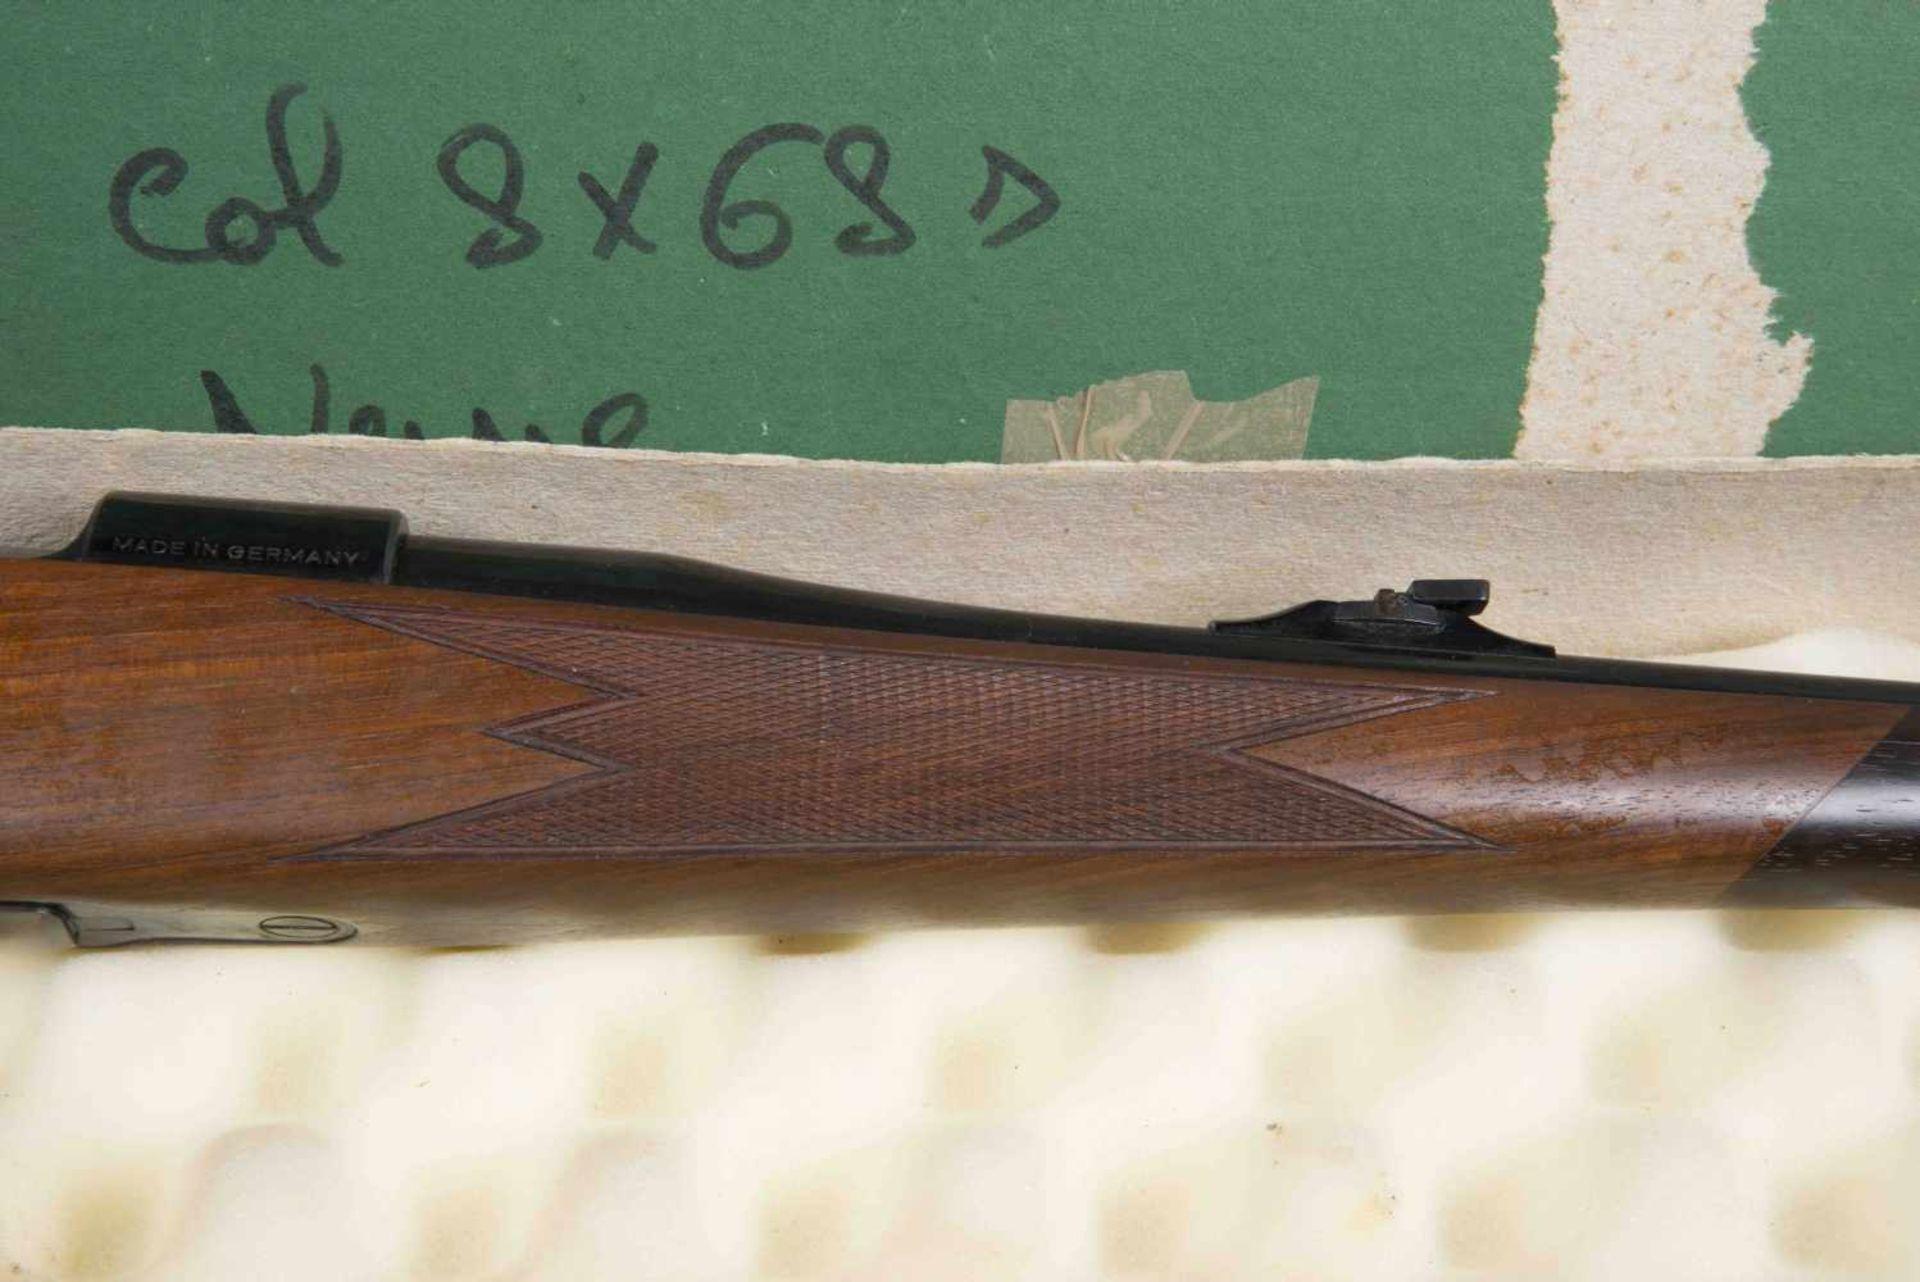 Carabine Heym Catégorie C Calibre 8 x 68 s. Modèle SR 20G. Numéro 92589. Carton au modèle de l'arme. - Bild 3 aus 3